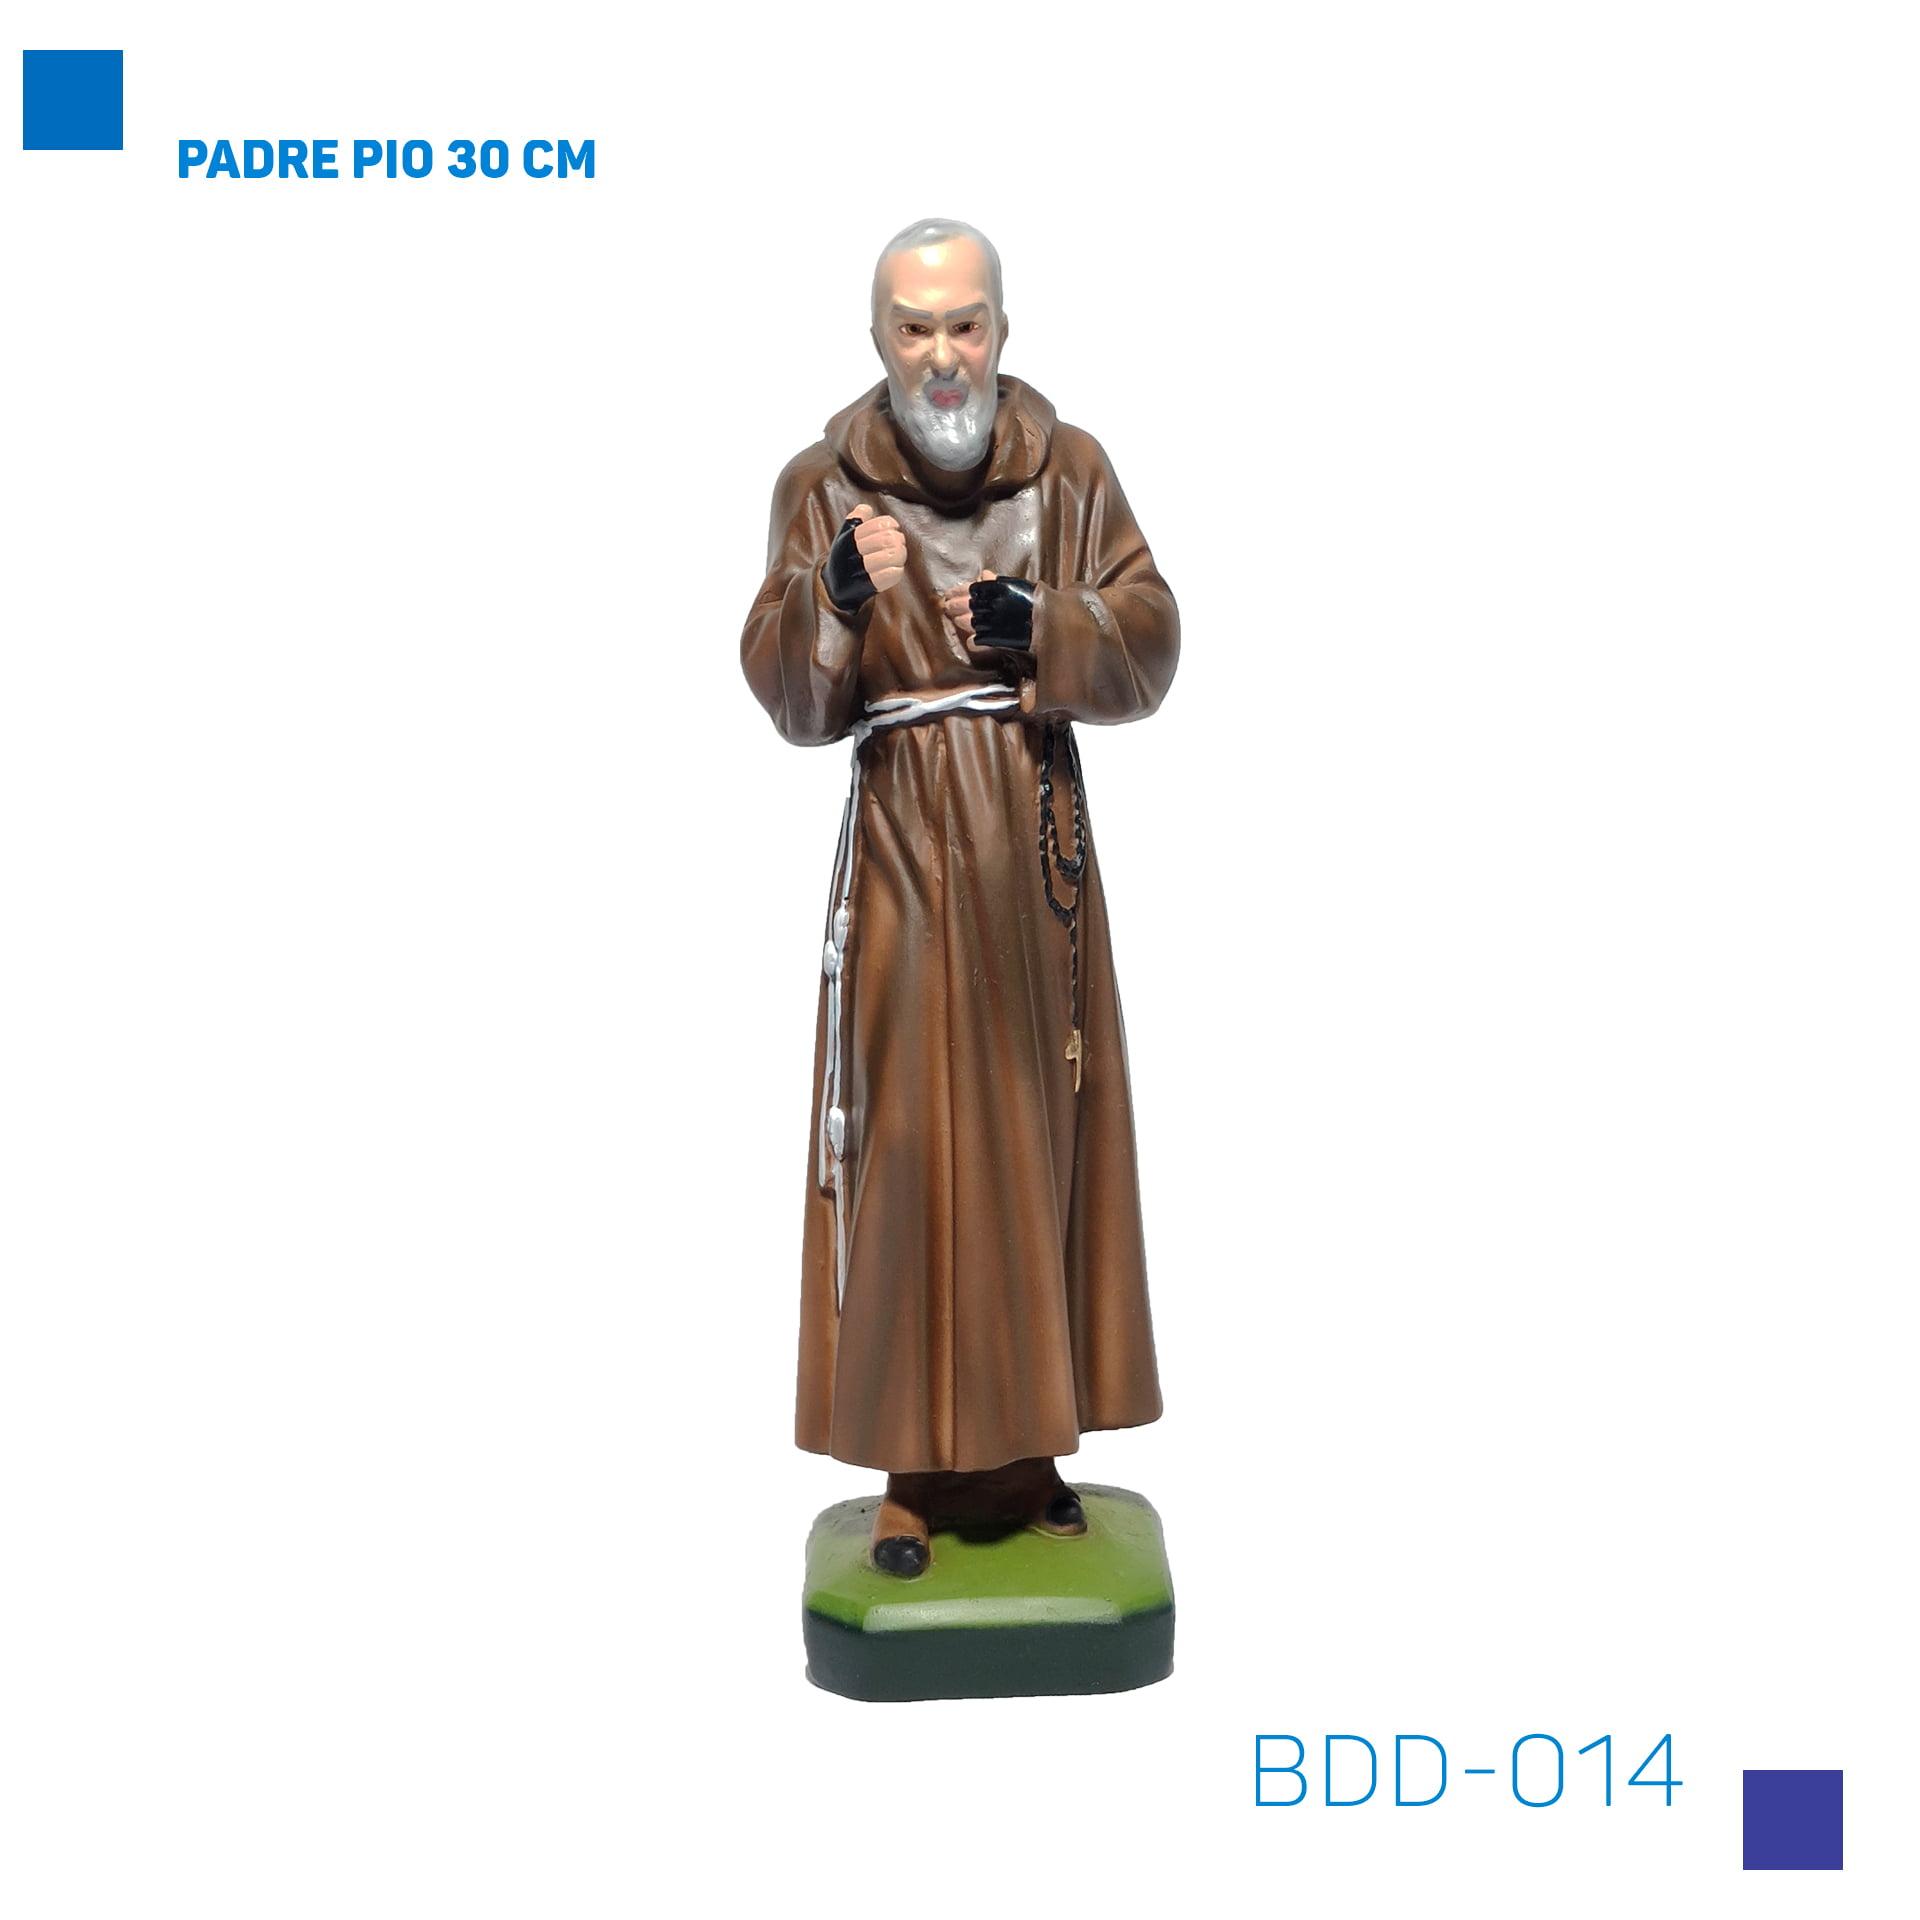 Bira Artigos Religiosos - Padre Pio 30 cm - BDD-014